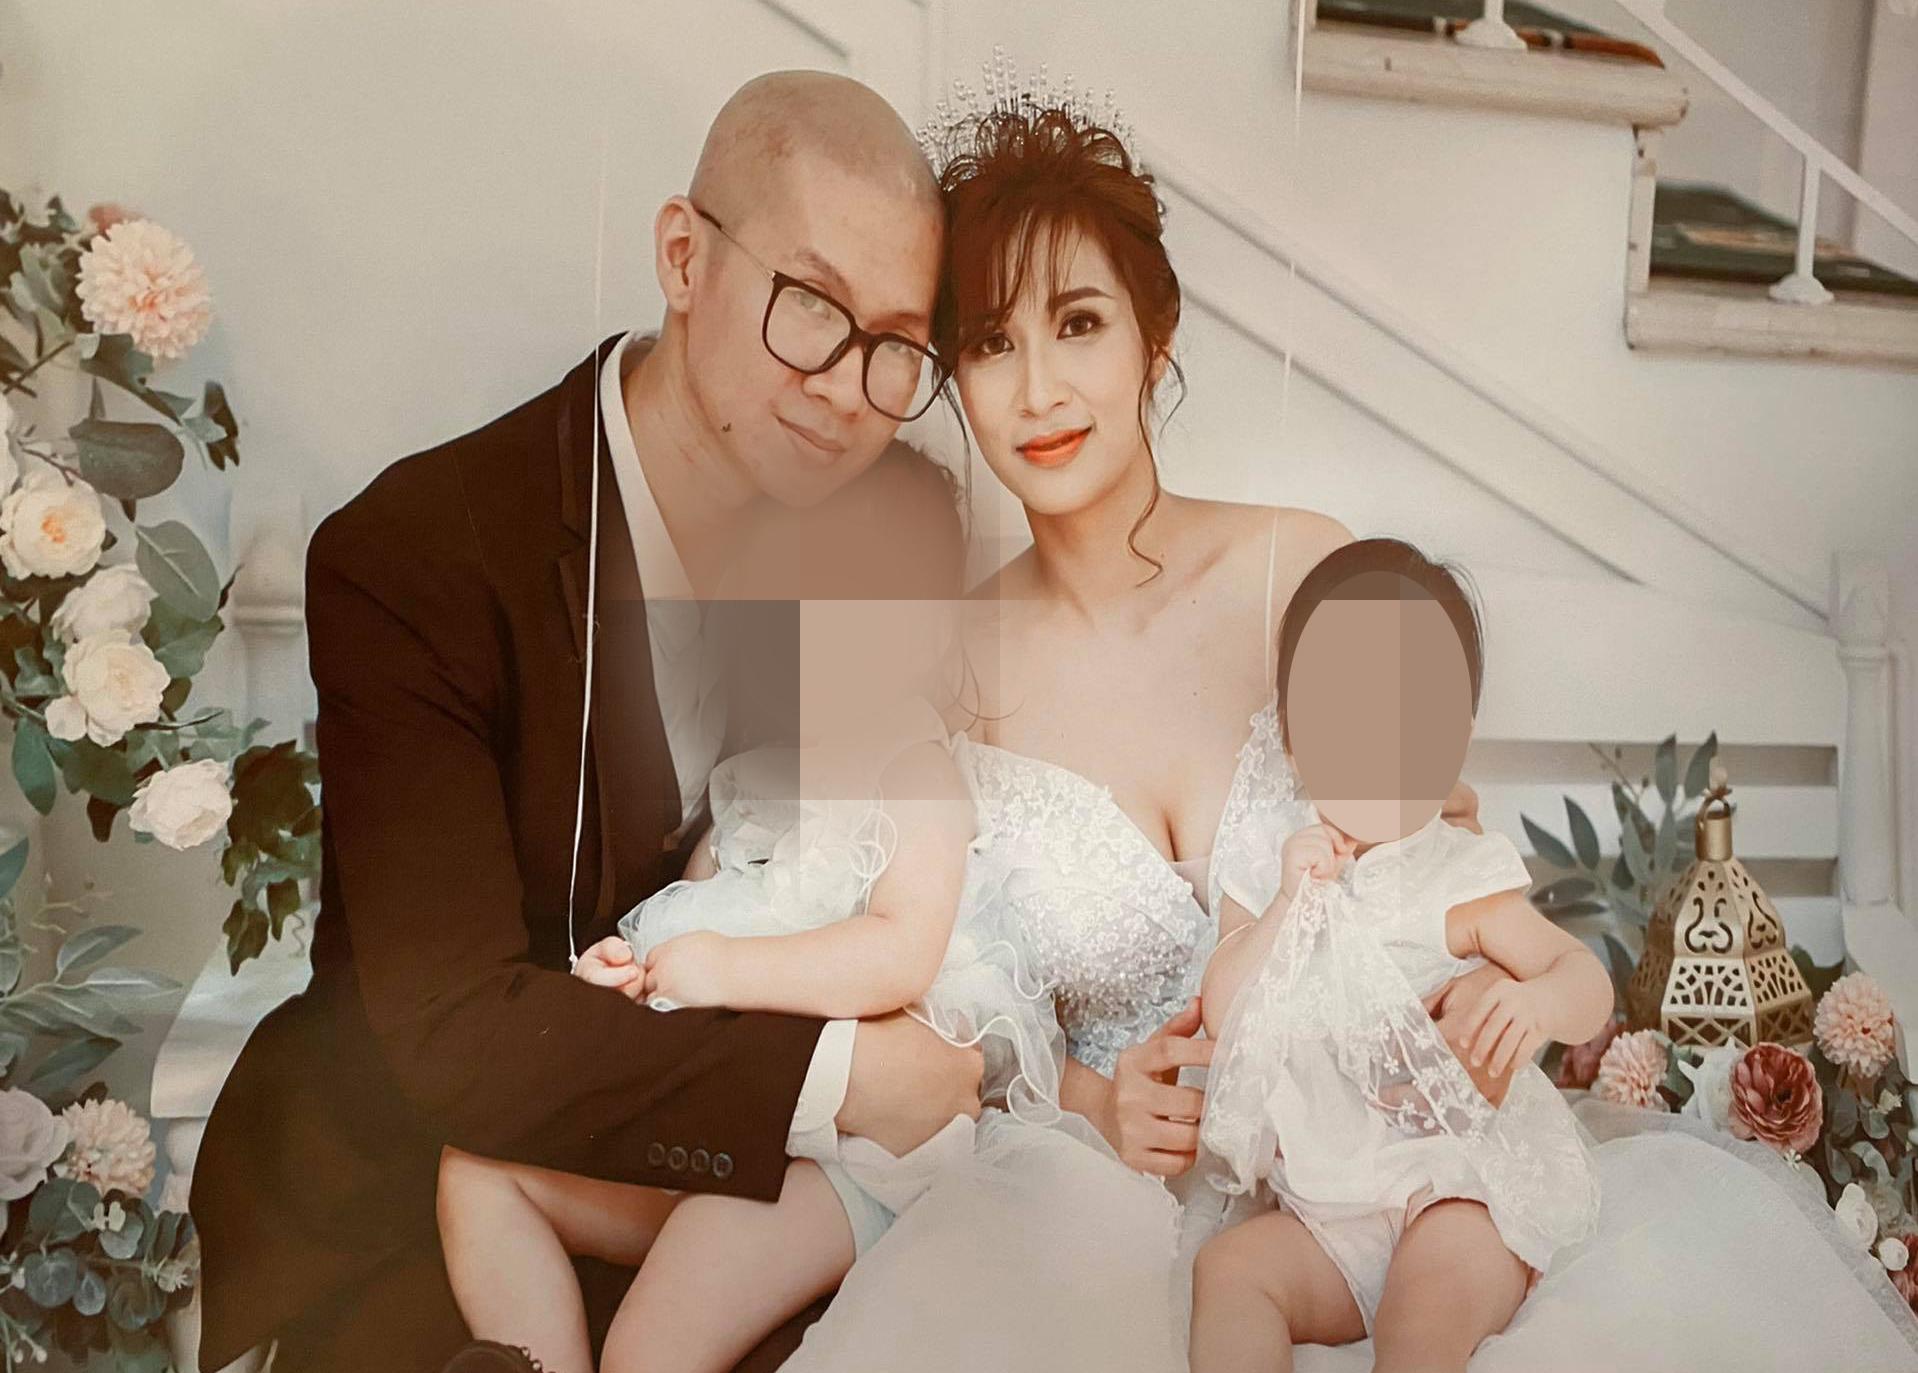 Cha dượng và mẹ đánh chết con gái 3 tuổi: Bước chân lạc lối và phiên tòa đẫm nước mắt - 12